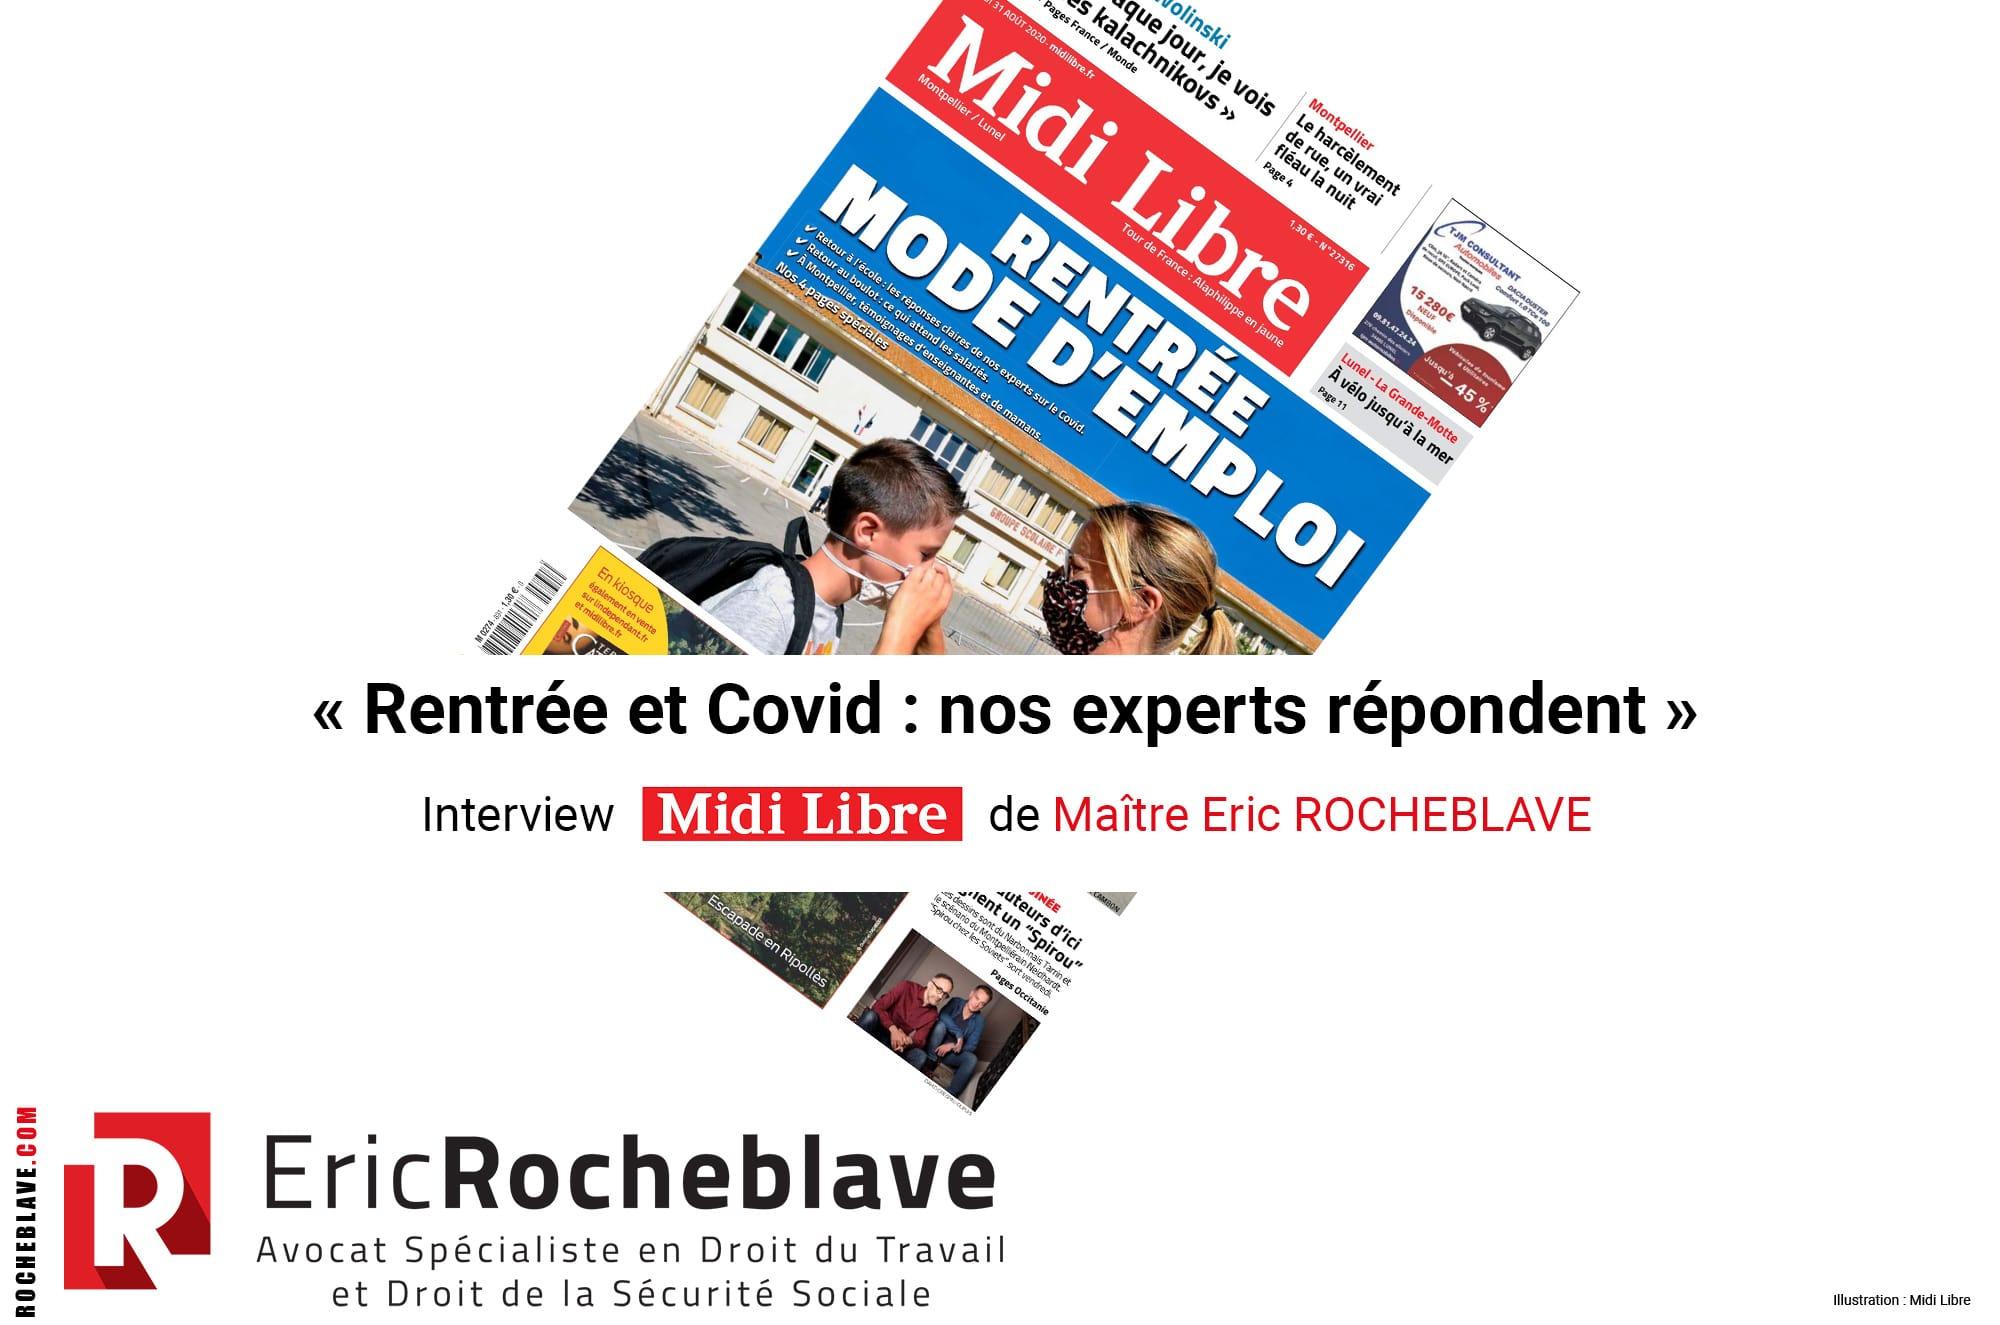 « Rentrée et Covid : nos experts répondent » Interview Midi Libre de Maître Eric ROCHEBLAVE